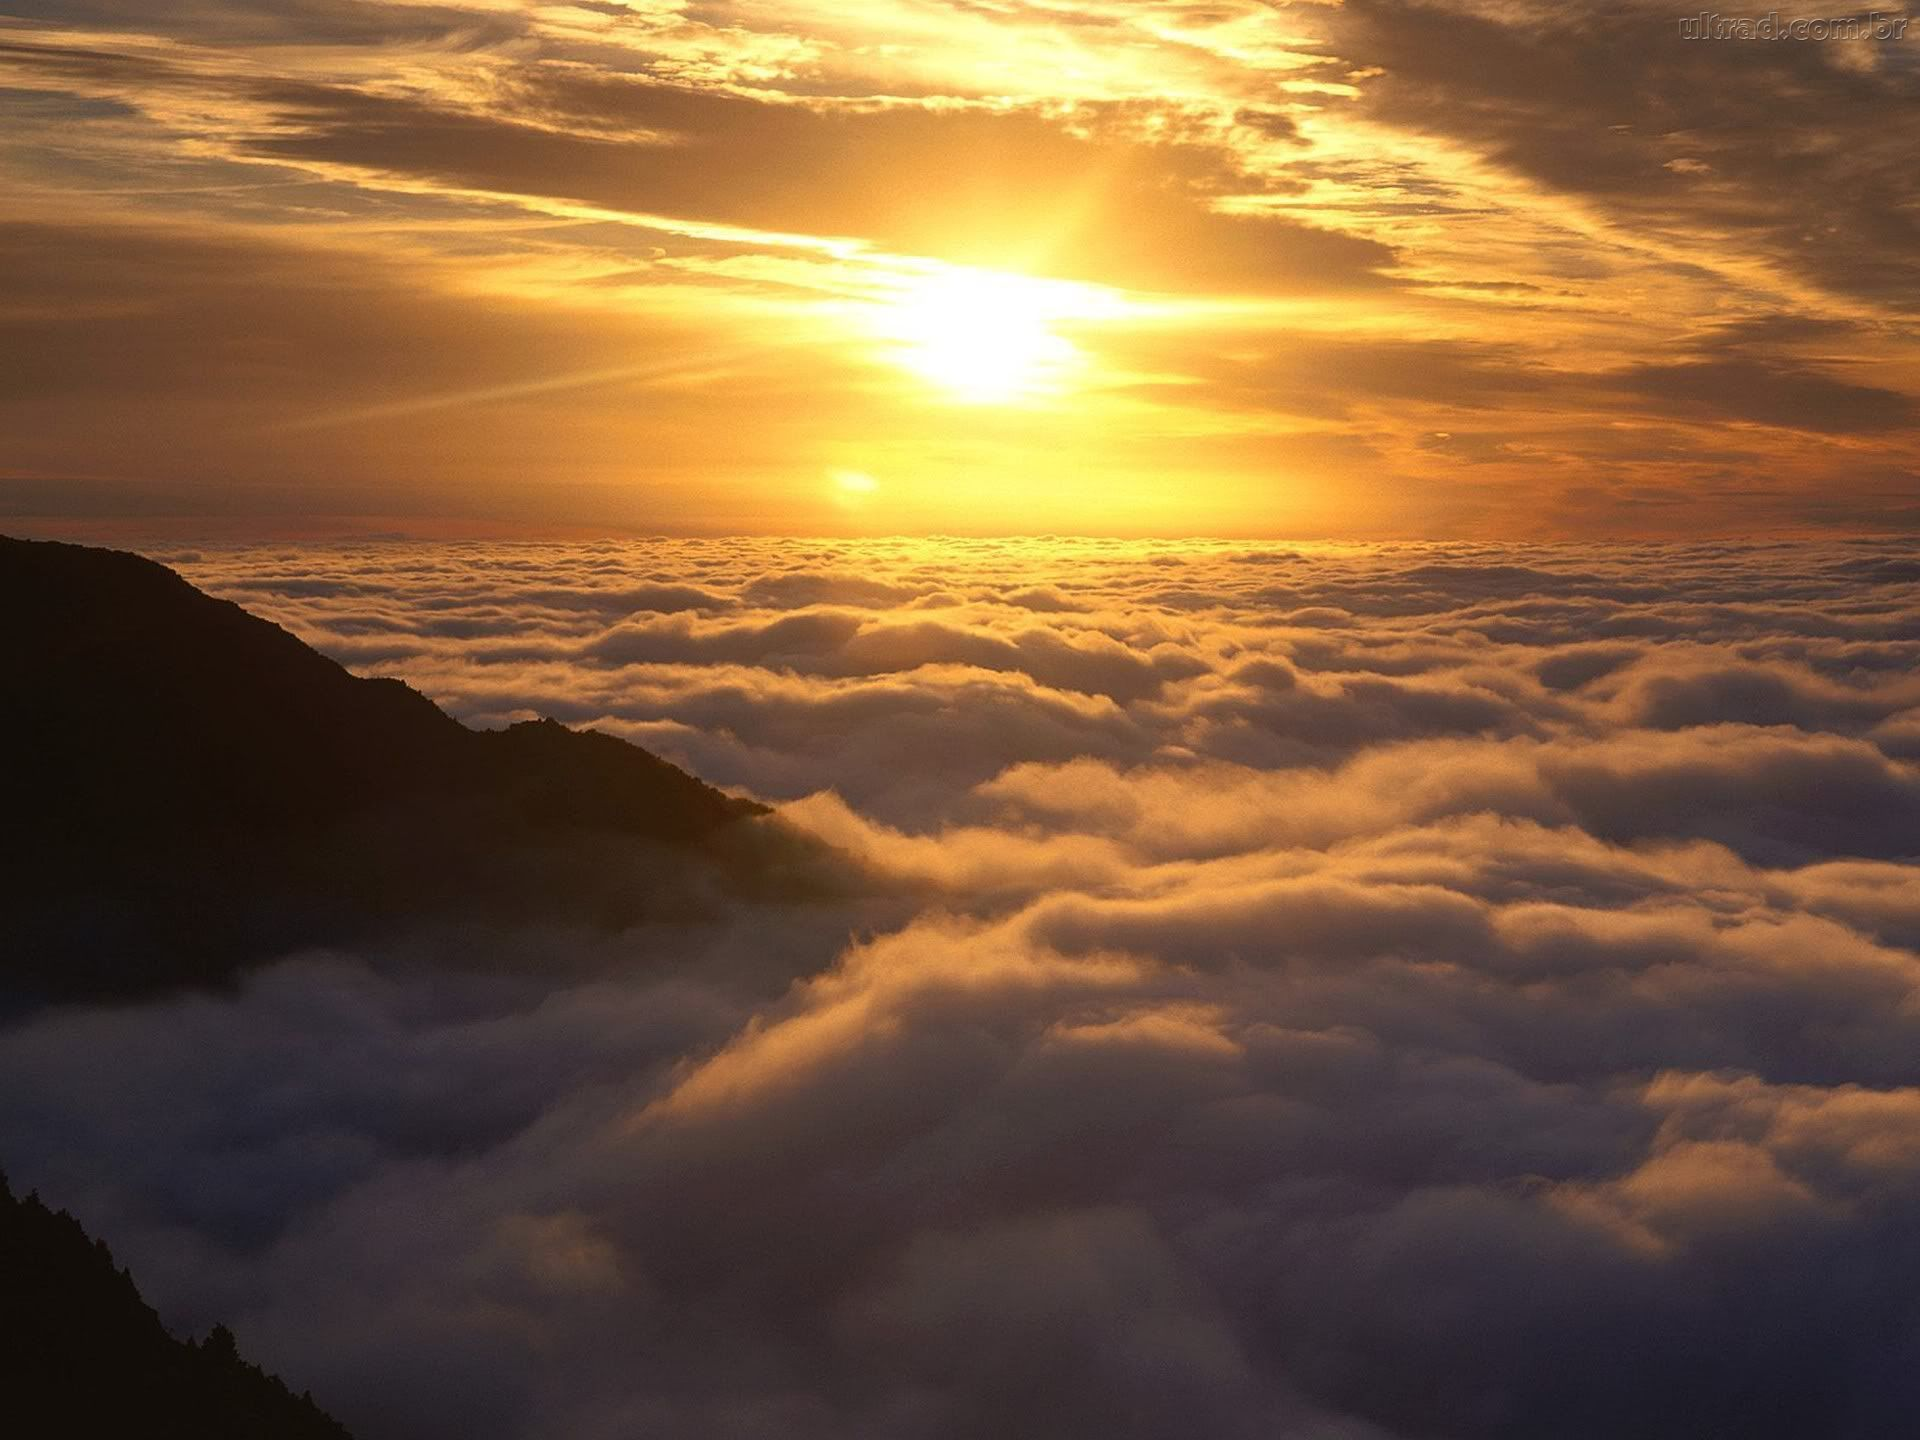 nova zelandia anoitecer Nova Zelândia Paisagens: Fotos de Montanhas, Natureza, Turismo no País